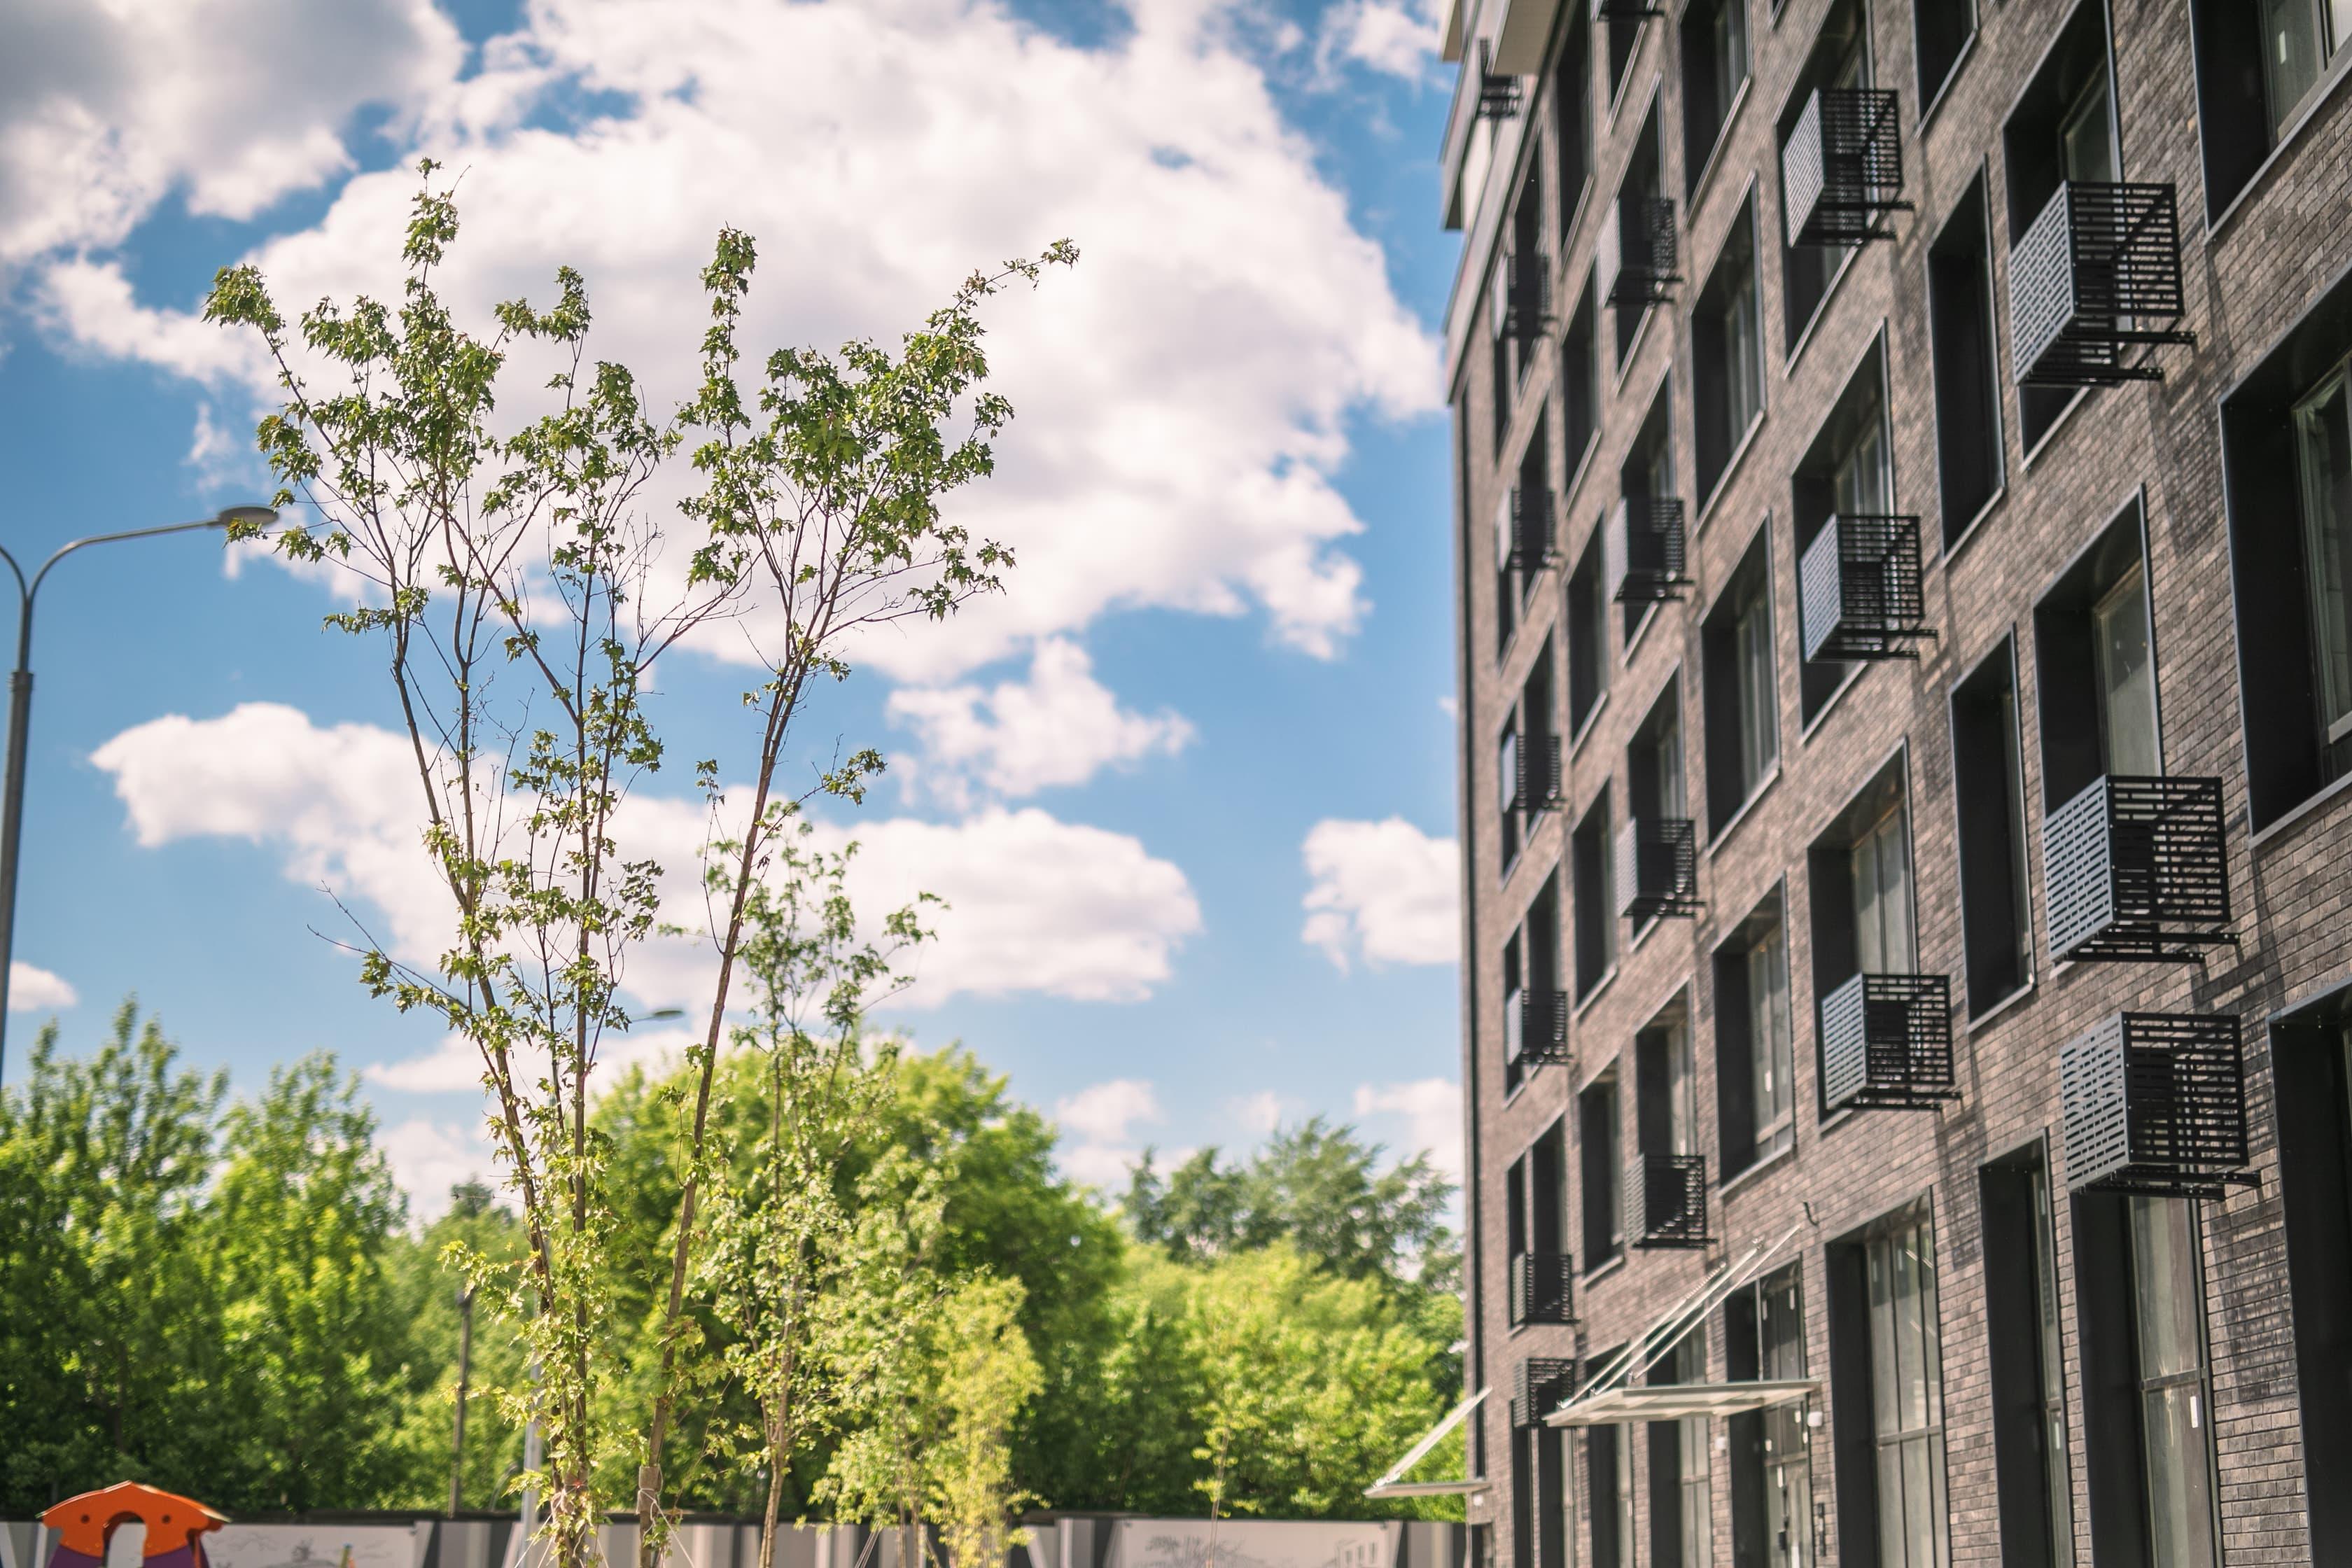 ВЛюберцах введен вэксплуатацию 25-этажный дом